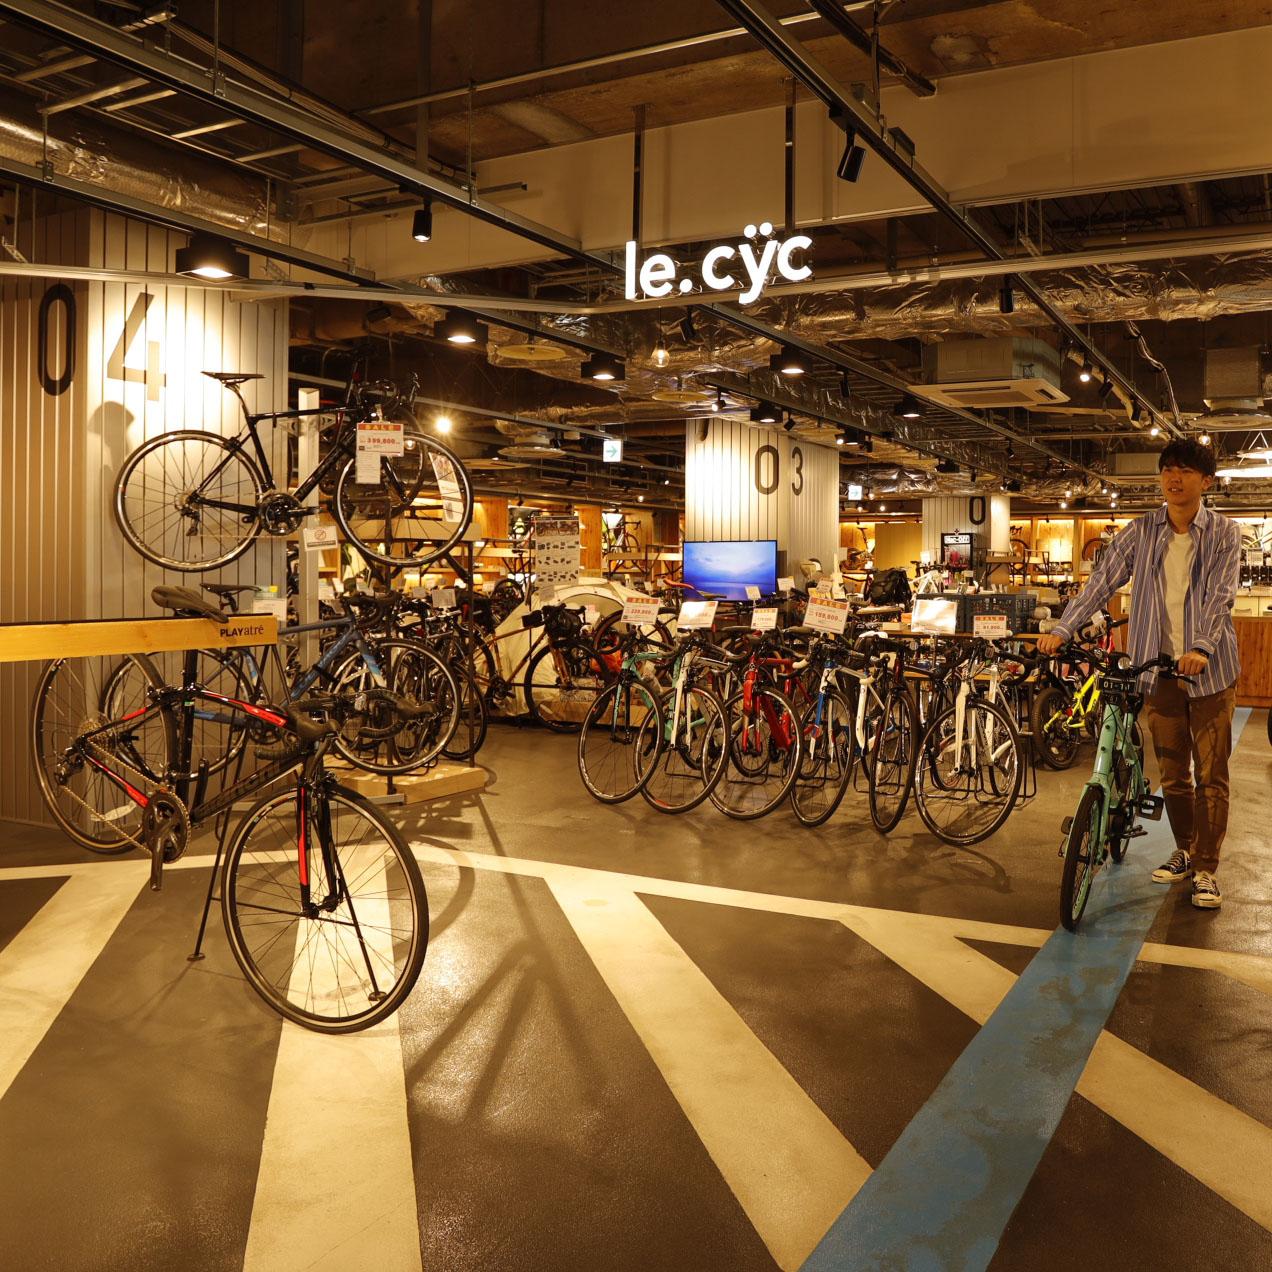 自転車専門店『ル・サイク』では、さまざまな種類のレンタサイクル をラインナップ。気に入った自転車と同じものを次の自分の愛車に、 なんていうのもアリ。10:00~20:00。☎029-846-3192